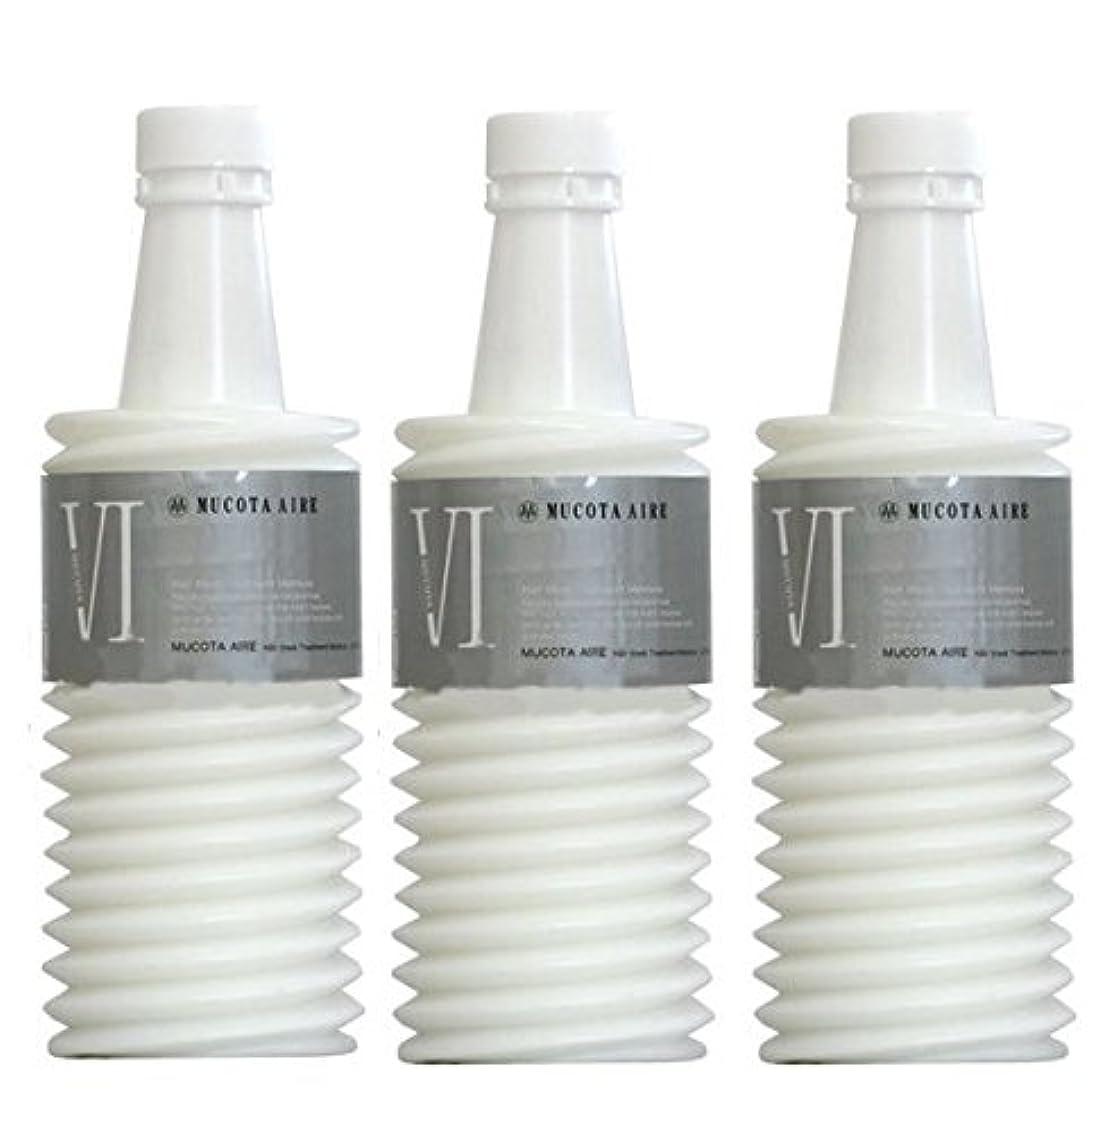 アスペクト香水ビュッフェ【X3個セット】 ムコタ アデューラ アイレ06 ヘアマスクトリートメント モイスチャー 700g (レフィル)